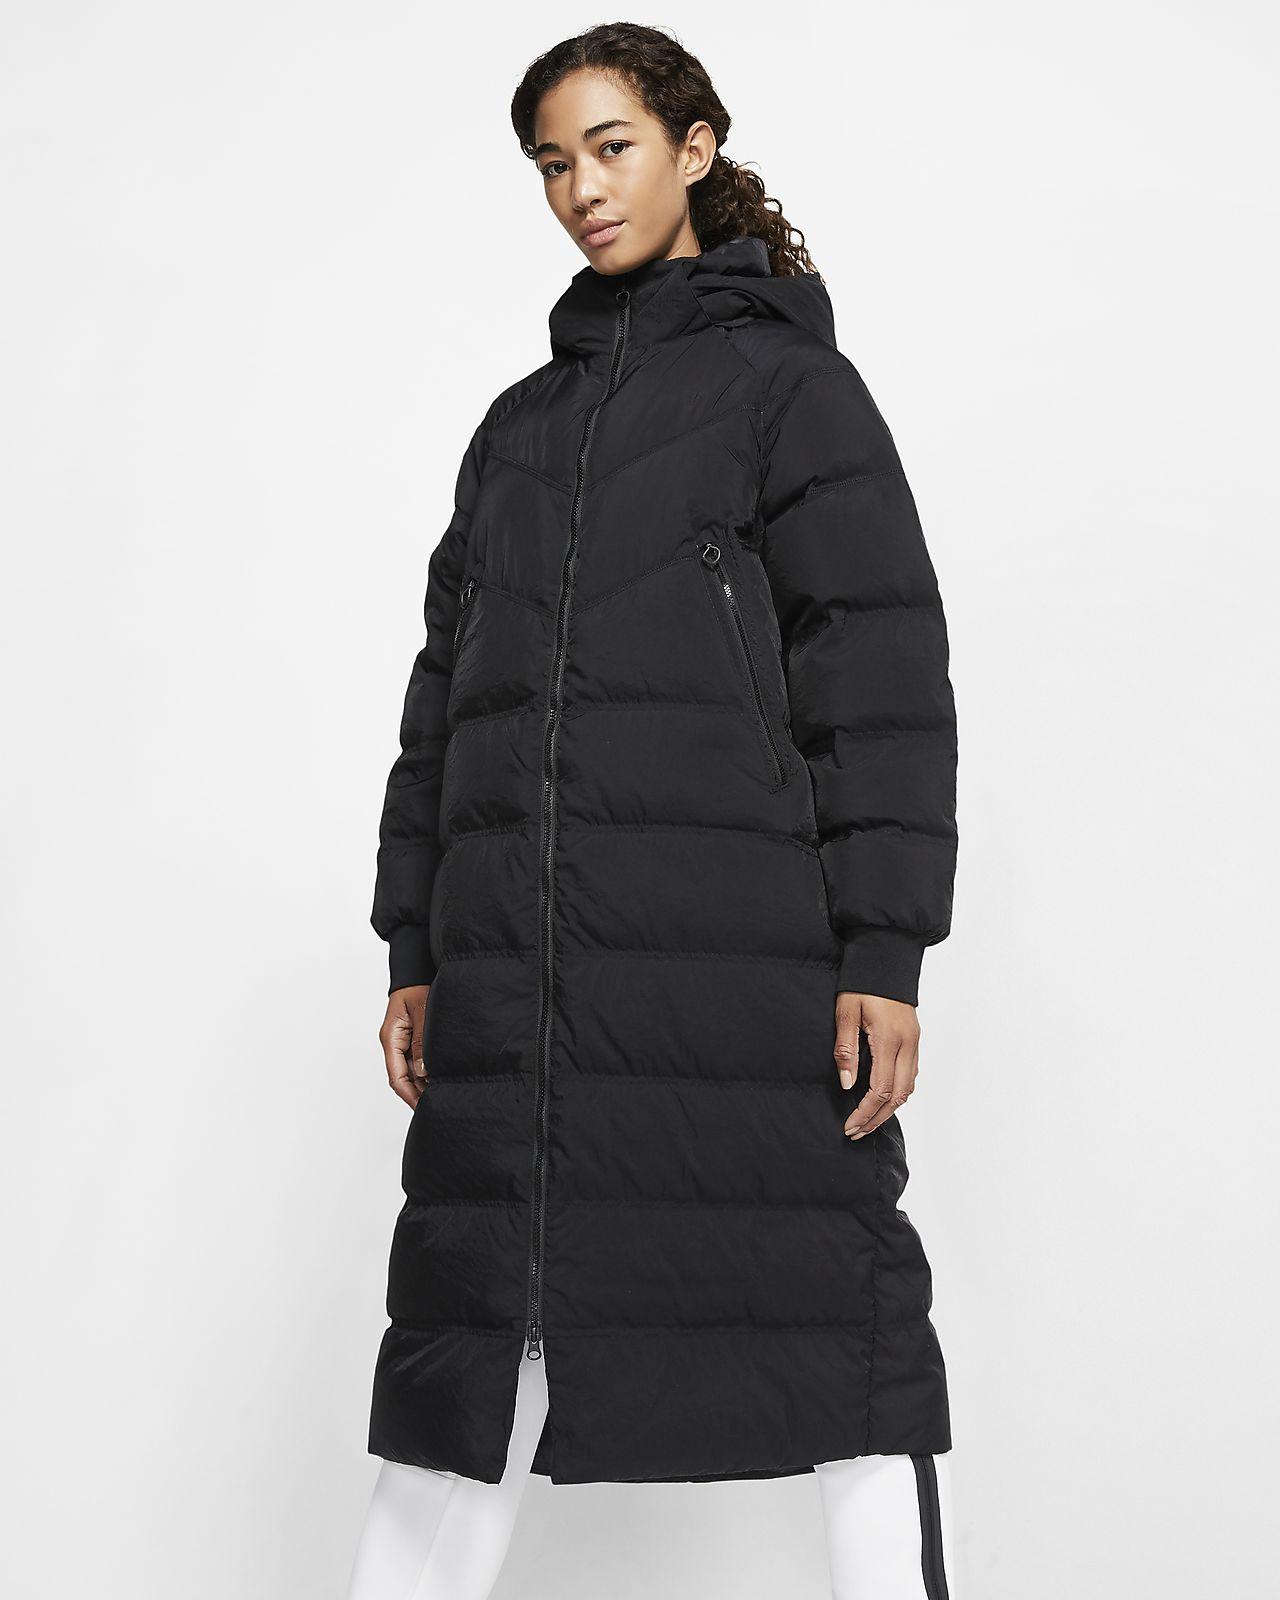 Nike Sportswear Down-Fill City Ready Kadın Parkası